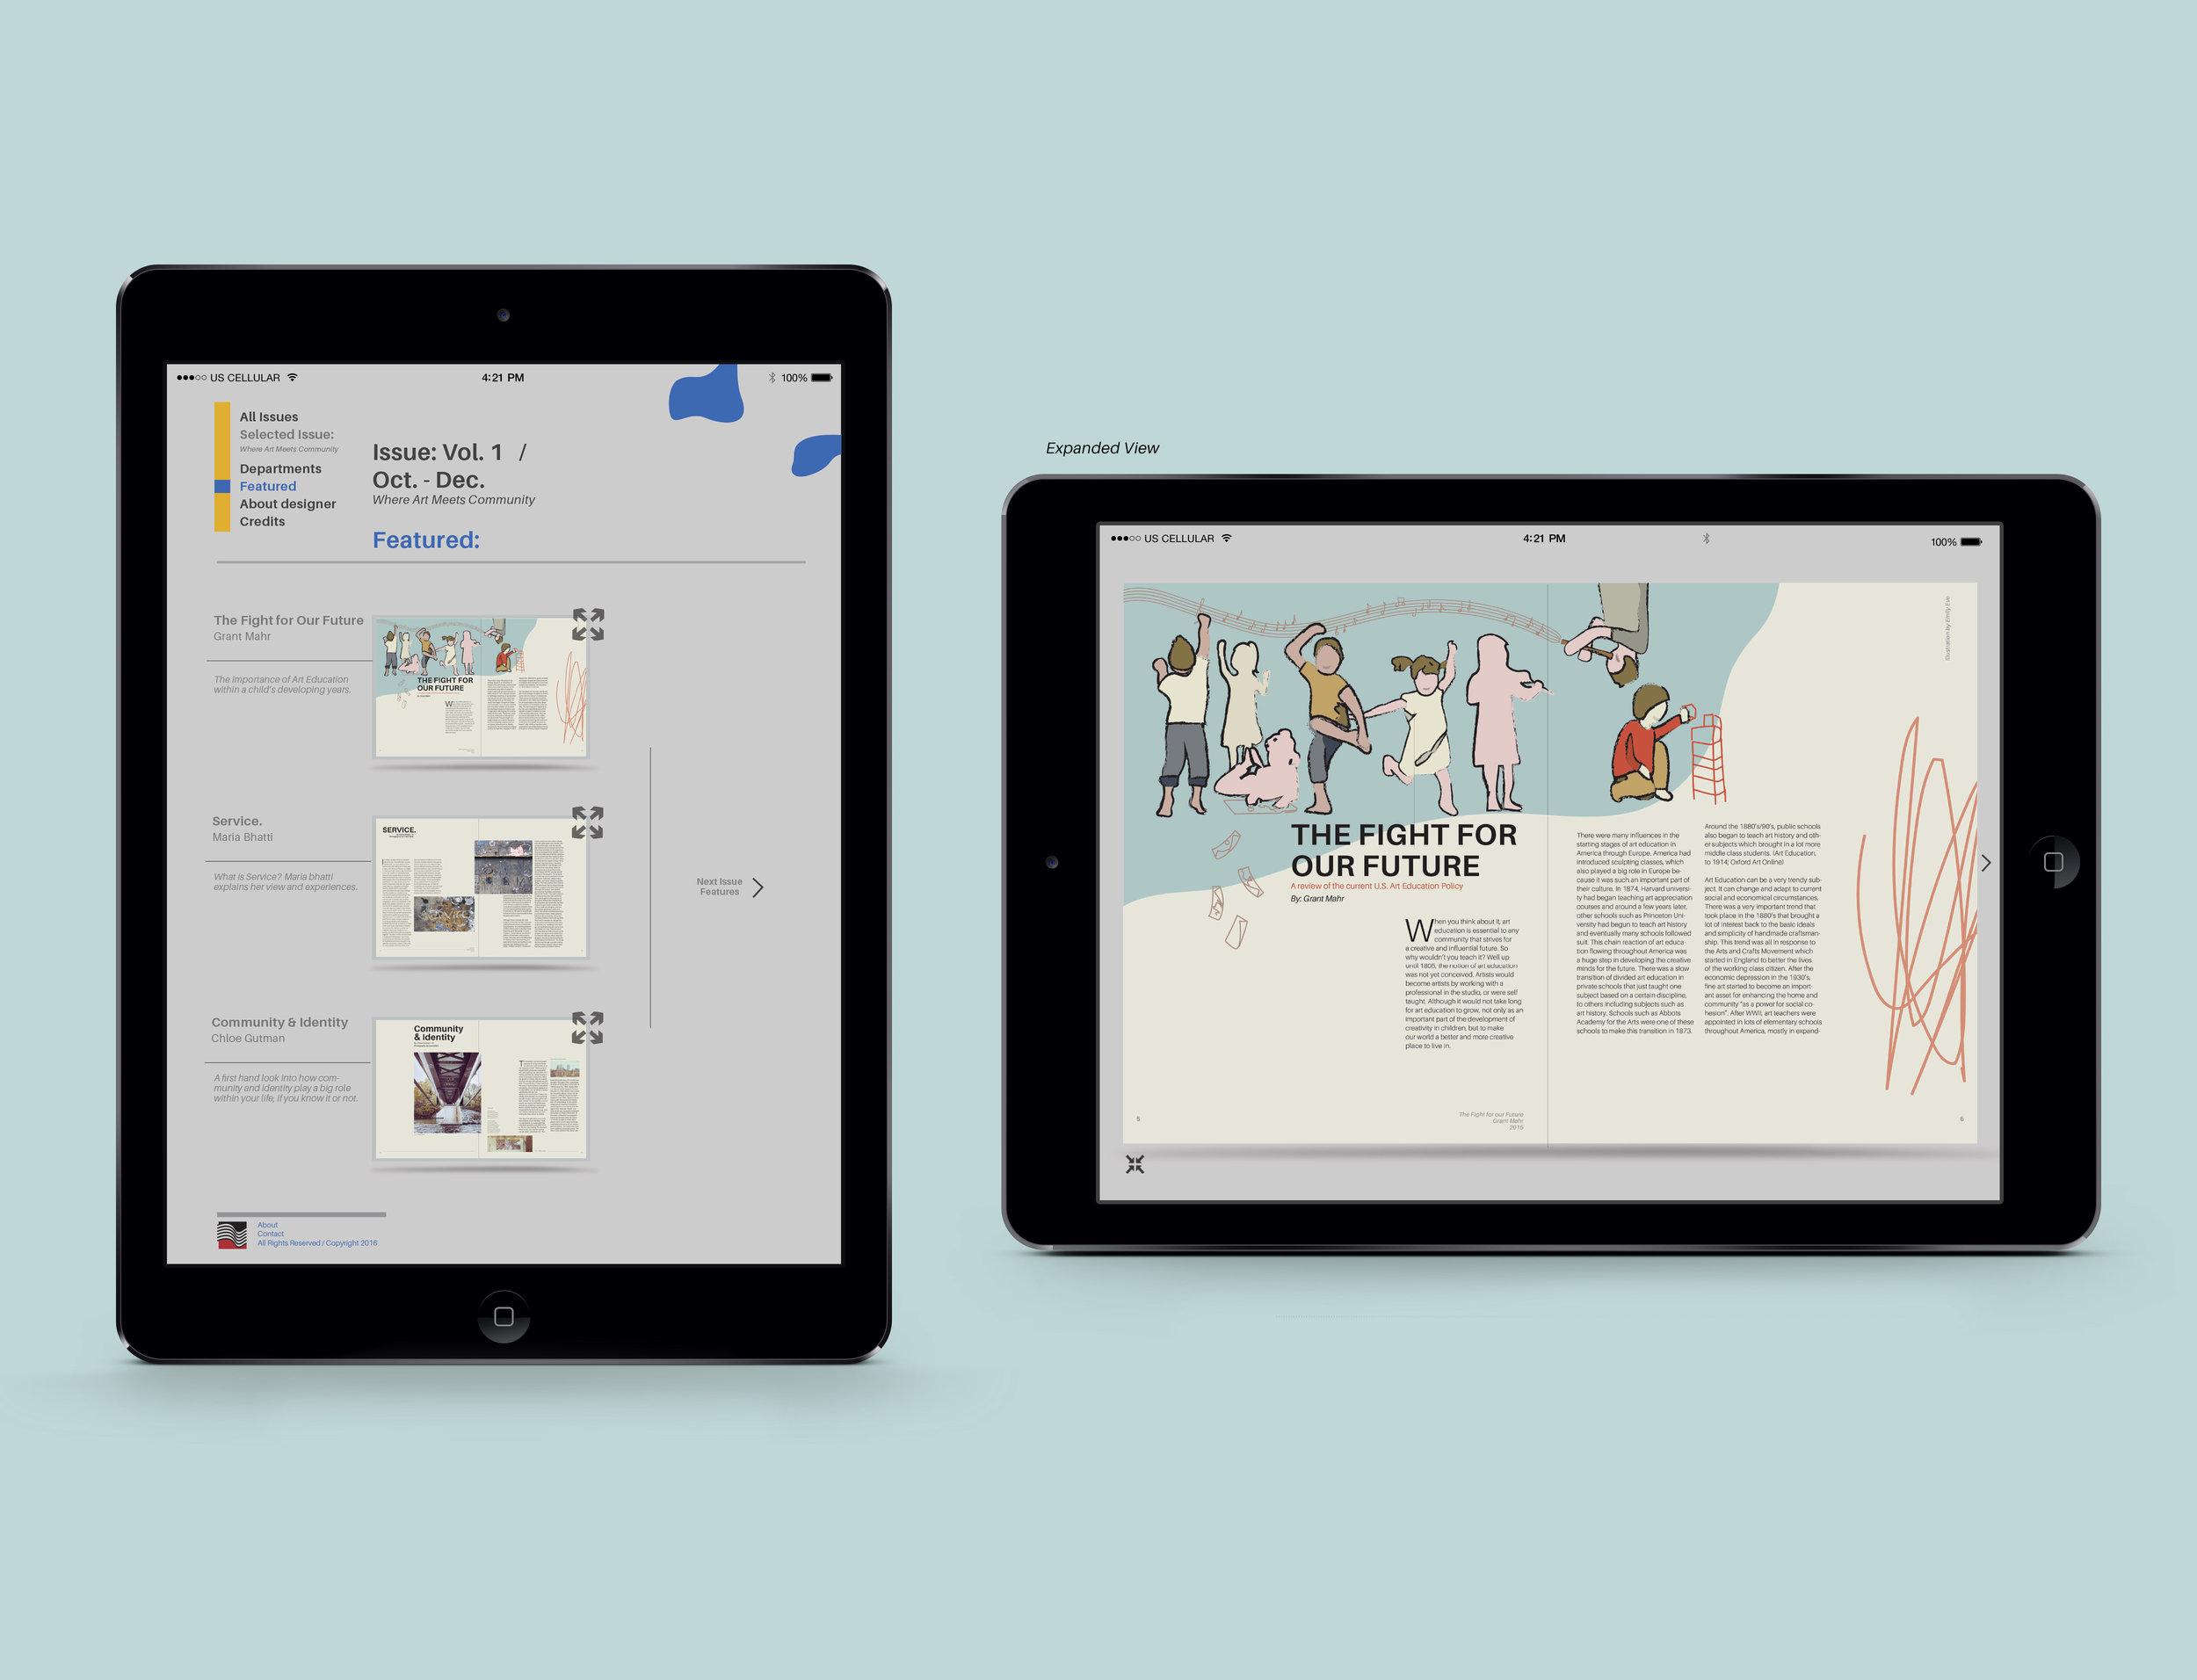 01-iPad-Air-Mock-up2 copy.jpg